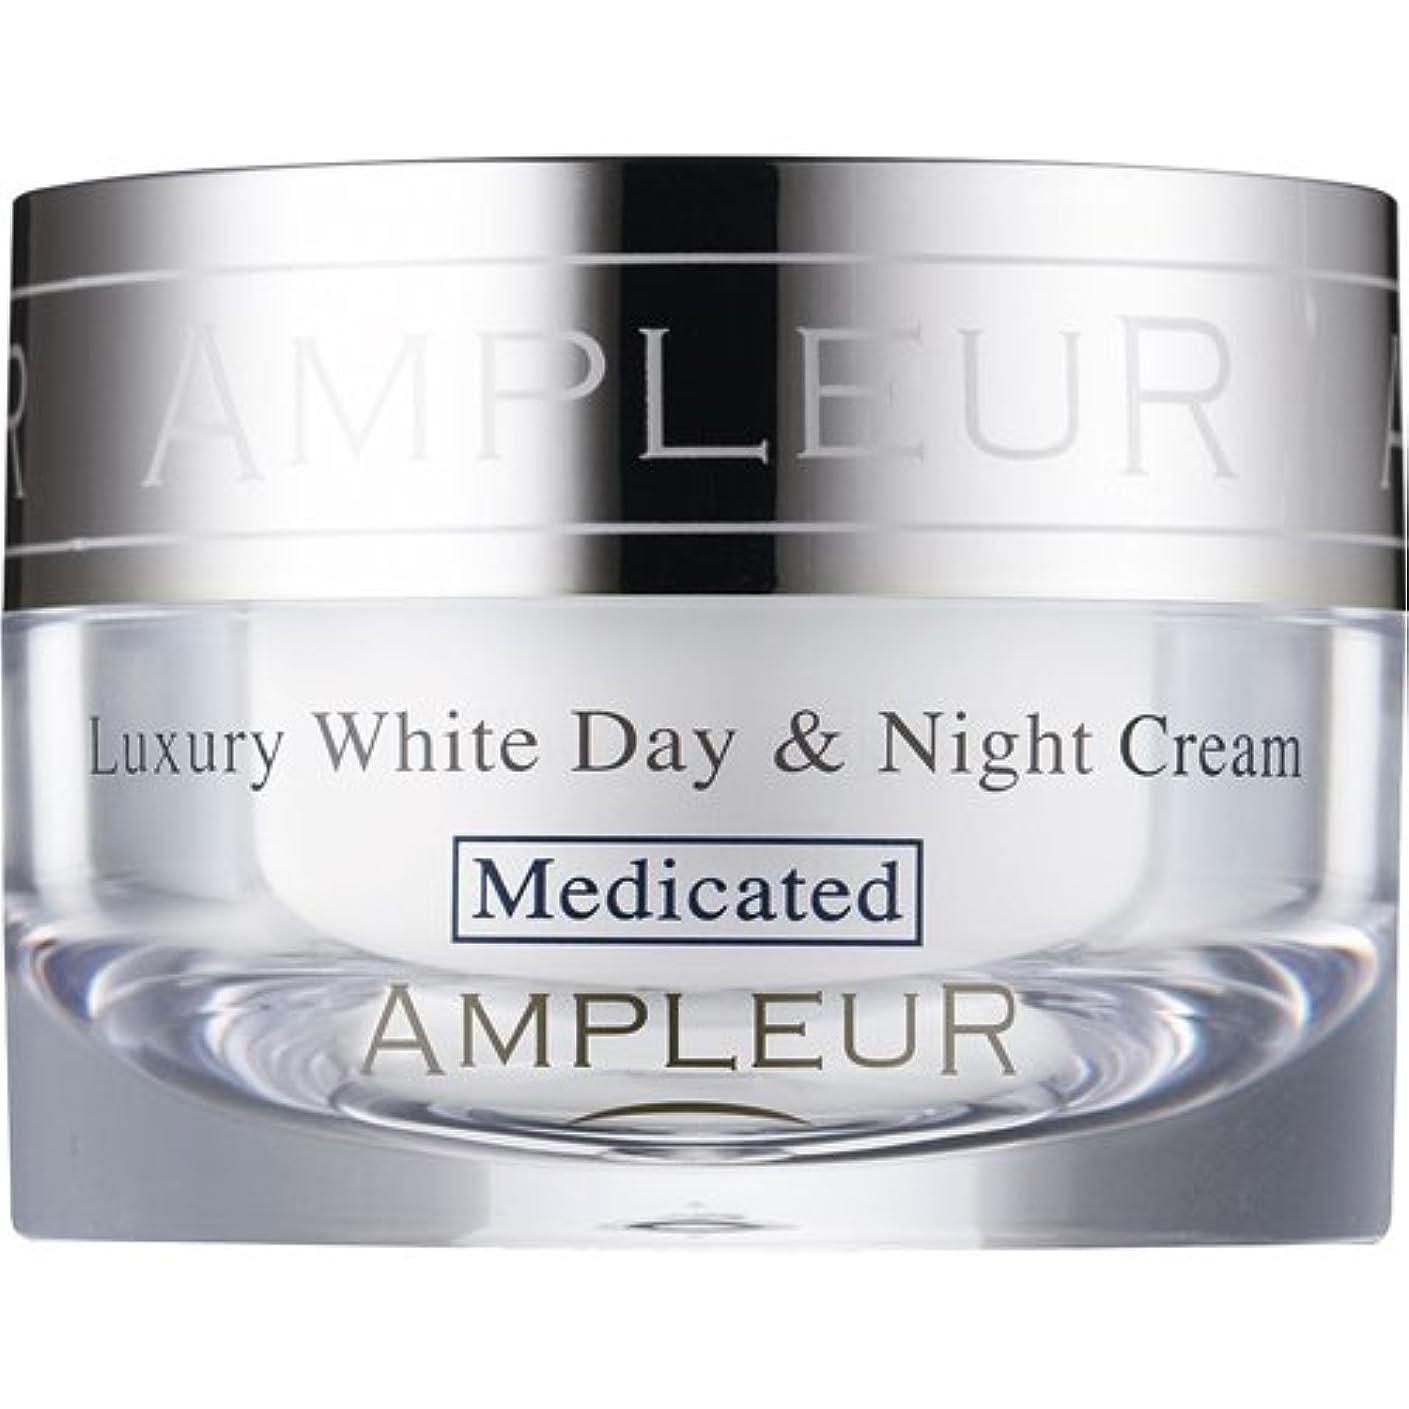 ヘルメット頼む発表するAMPLEUR(アンプルール) ラグジュアリーホワイト 薬用デイ&ナイトクリーム 30g